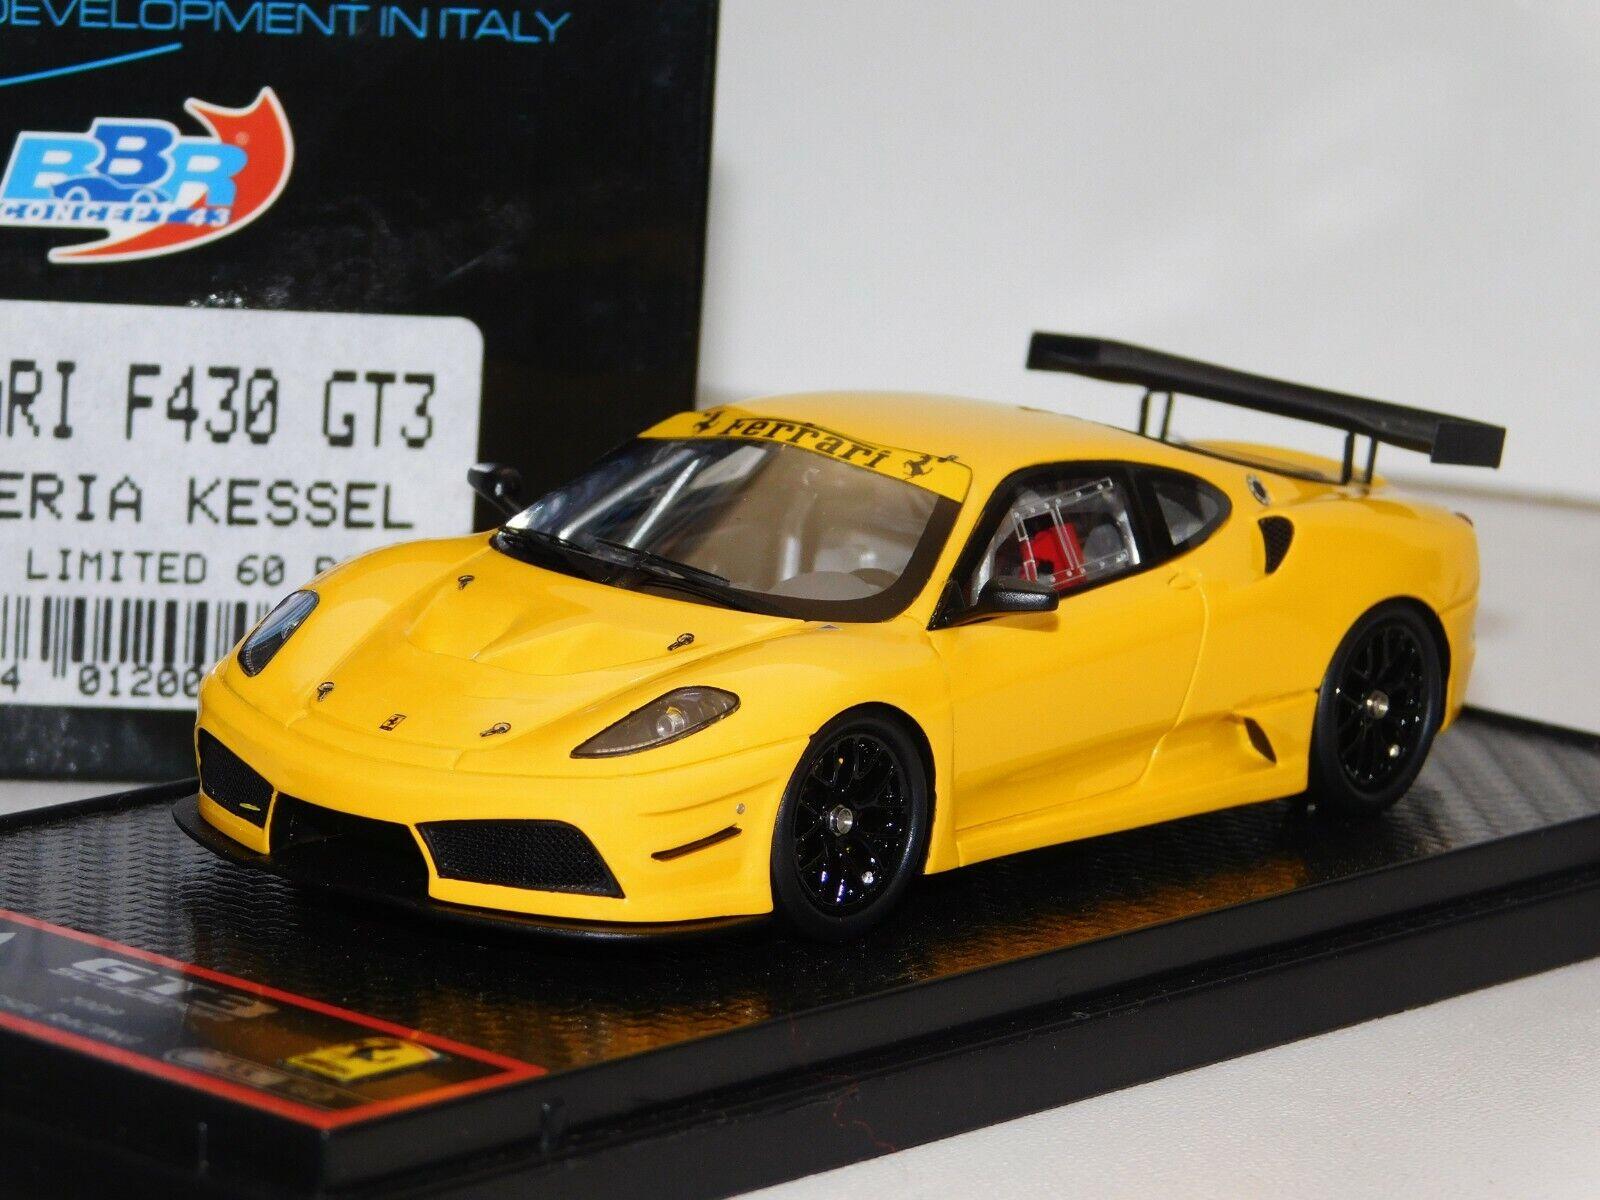 Ferrari F430 GT3 Scuderia Kessel jaune BBR Lim. 60 PIECES BBRC 18Y 1 43